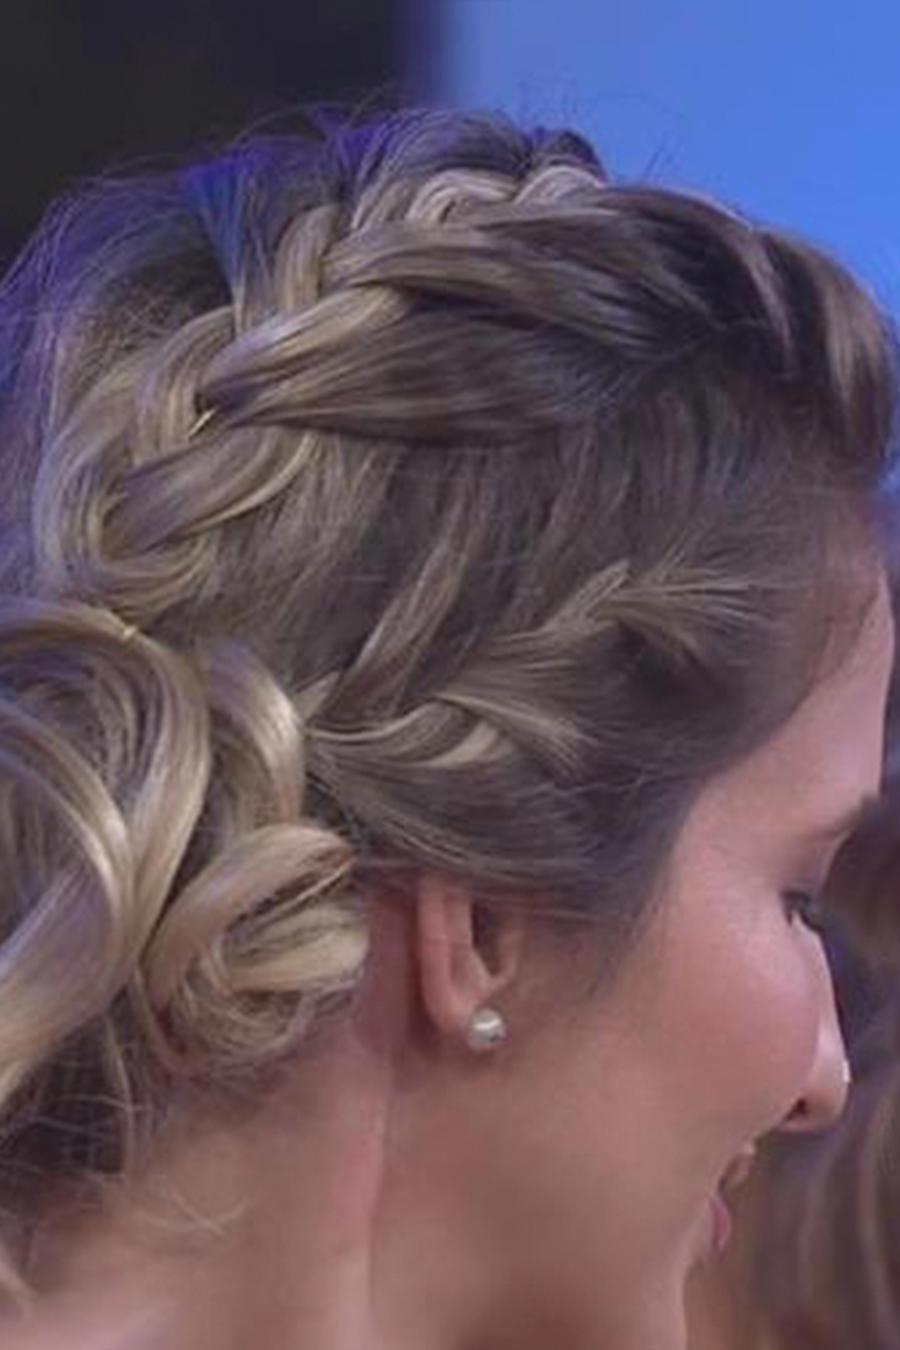 El estilista Rocco Donna te muestra cómo hacer un peinado perfecto para un evento especial